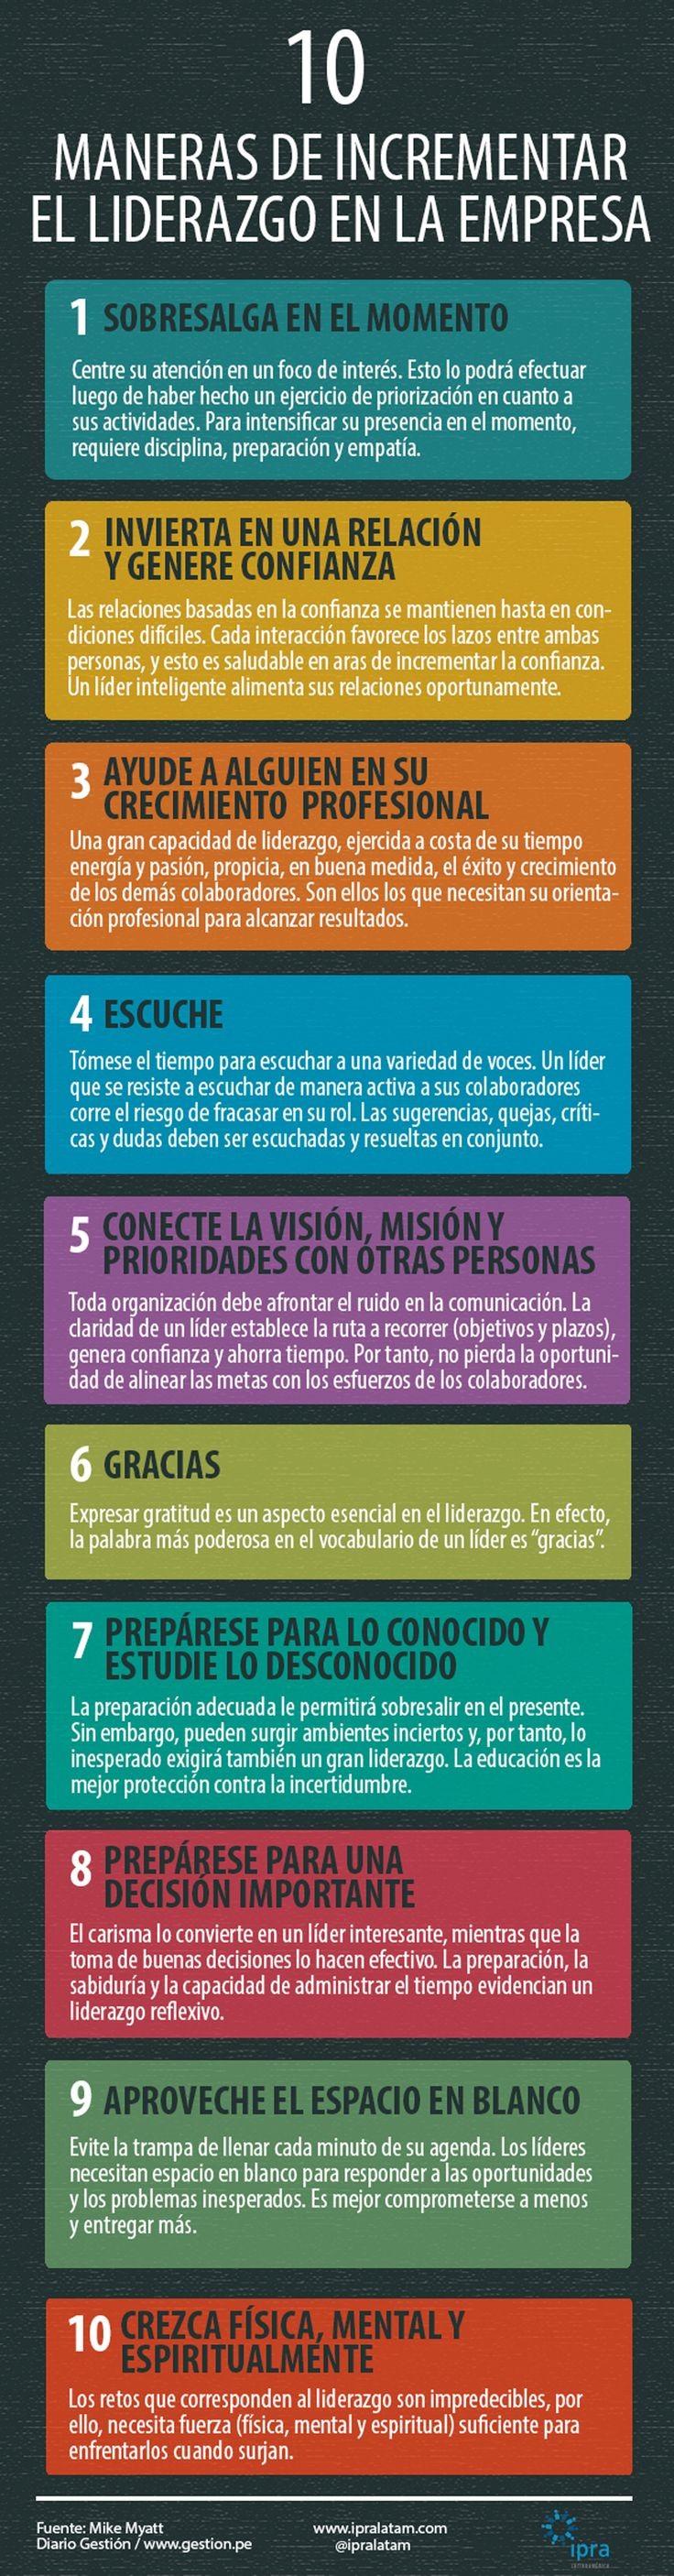 10 formas de incrementar el liderazgo en la empresa